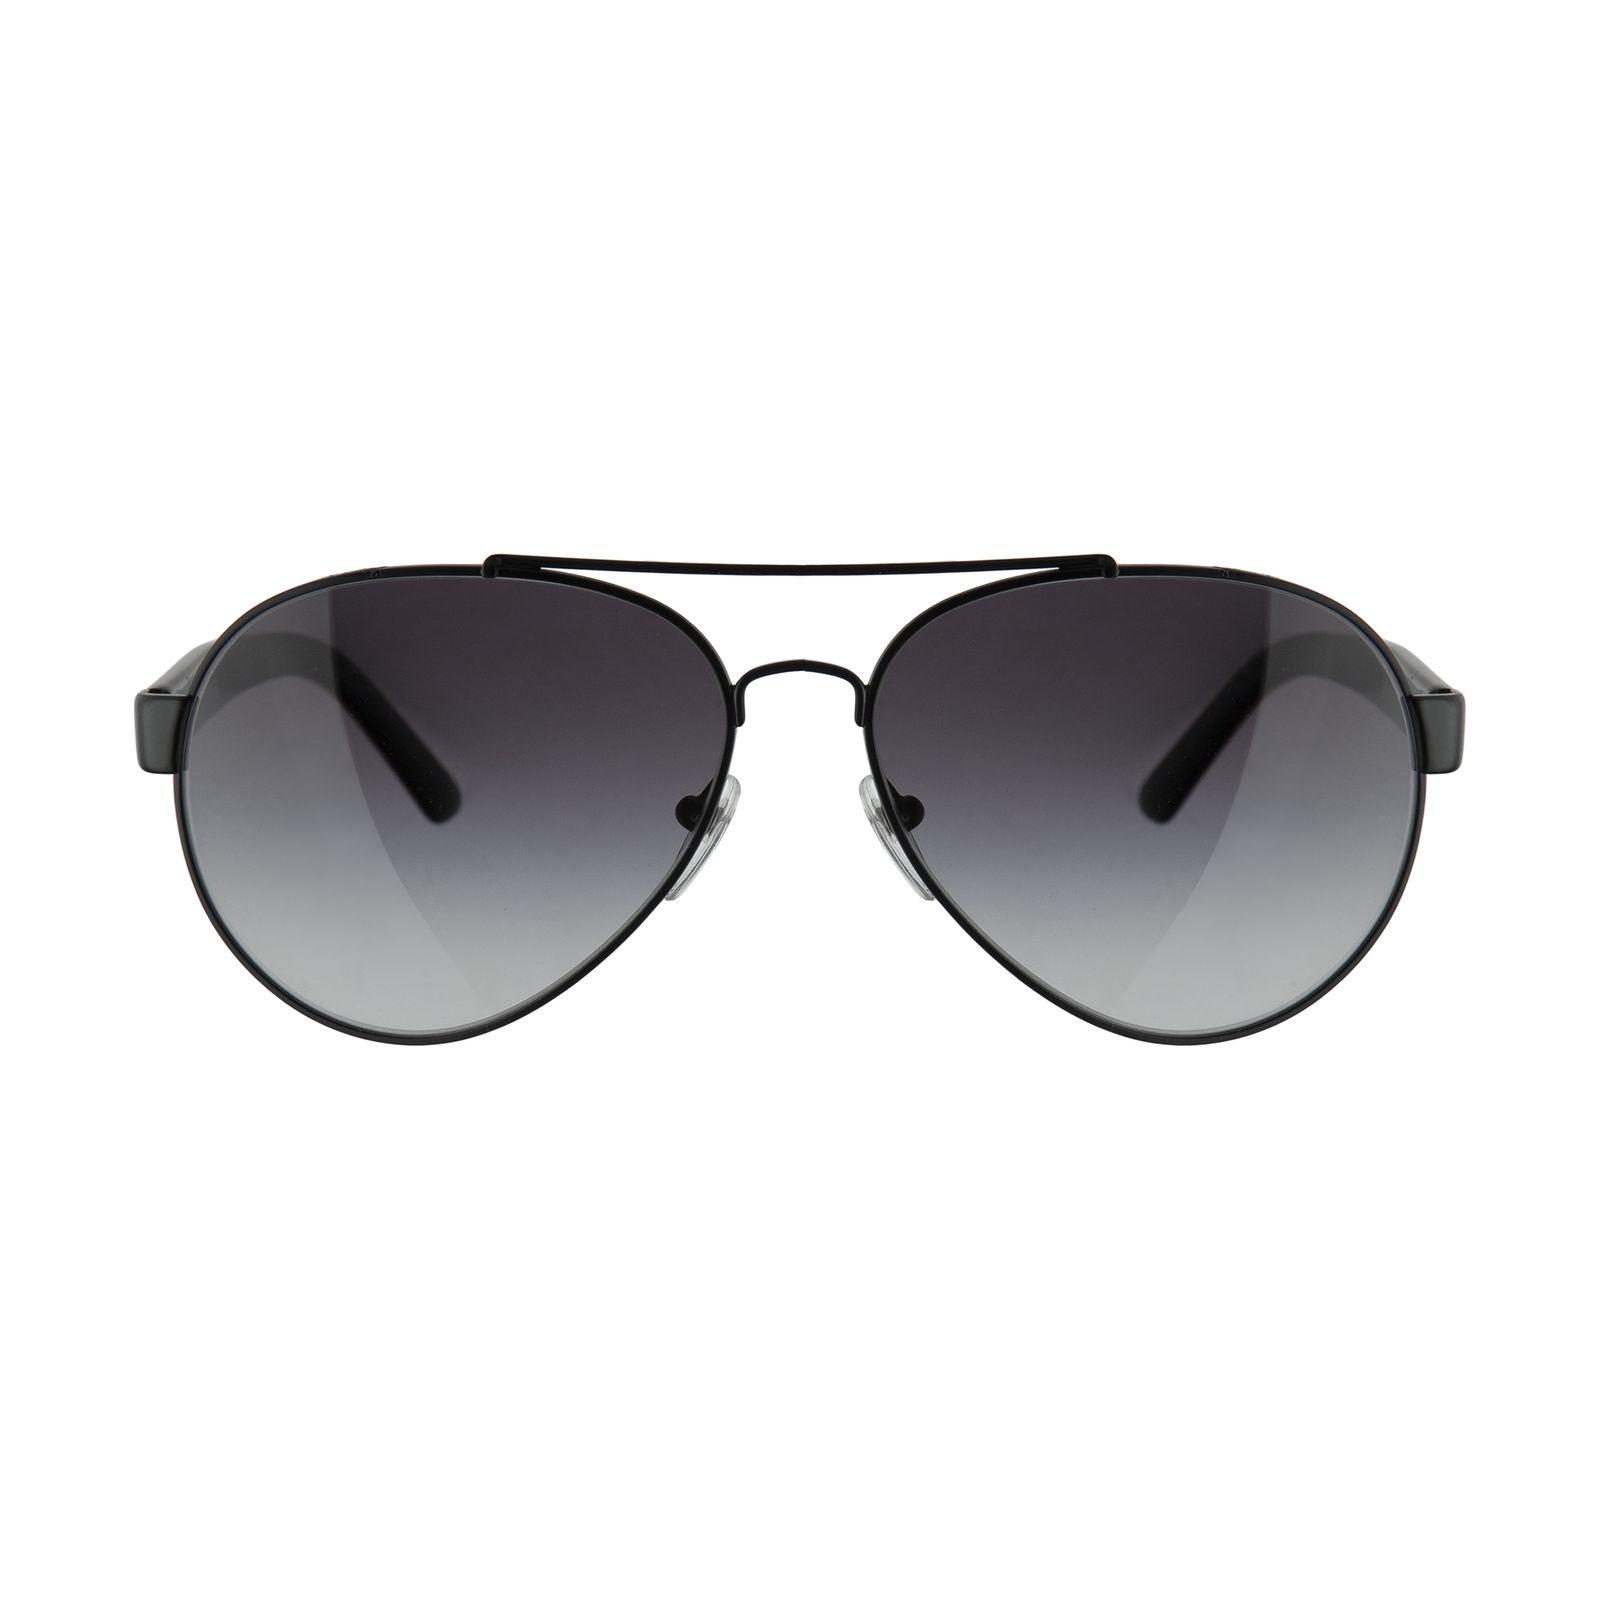 عینک آفتابی زنانه بربری مدل BE 3086S 1007S6 59 -  - 2